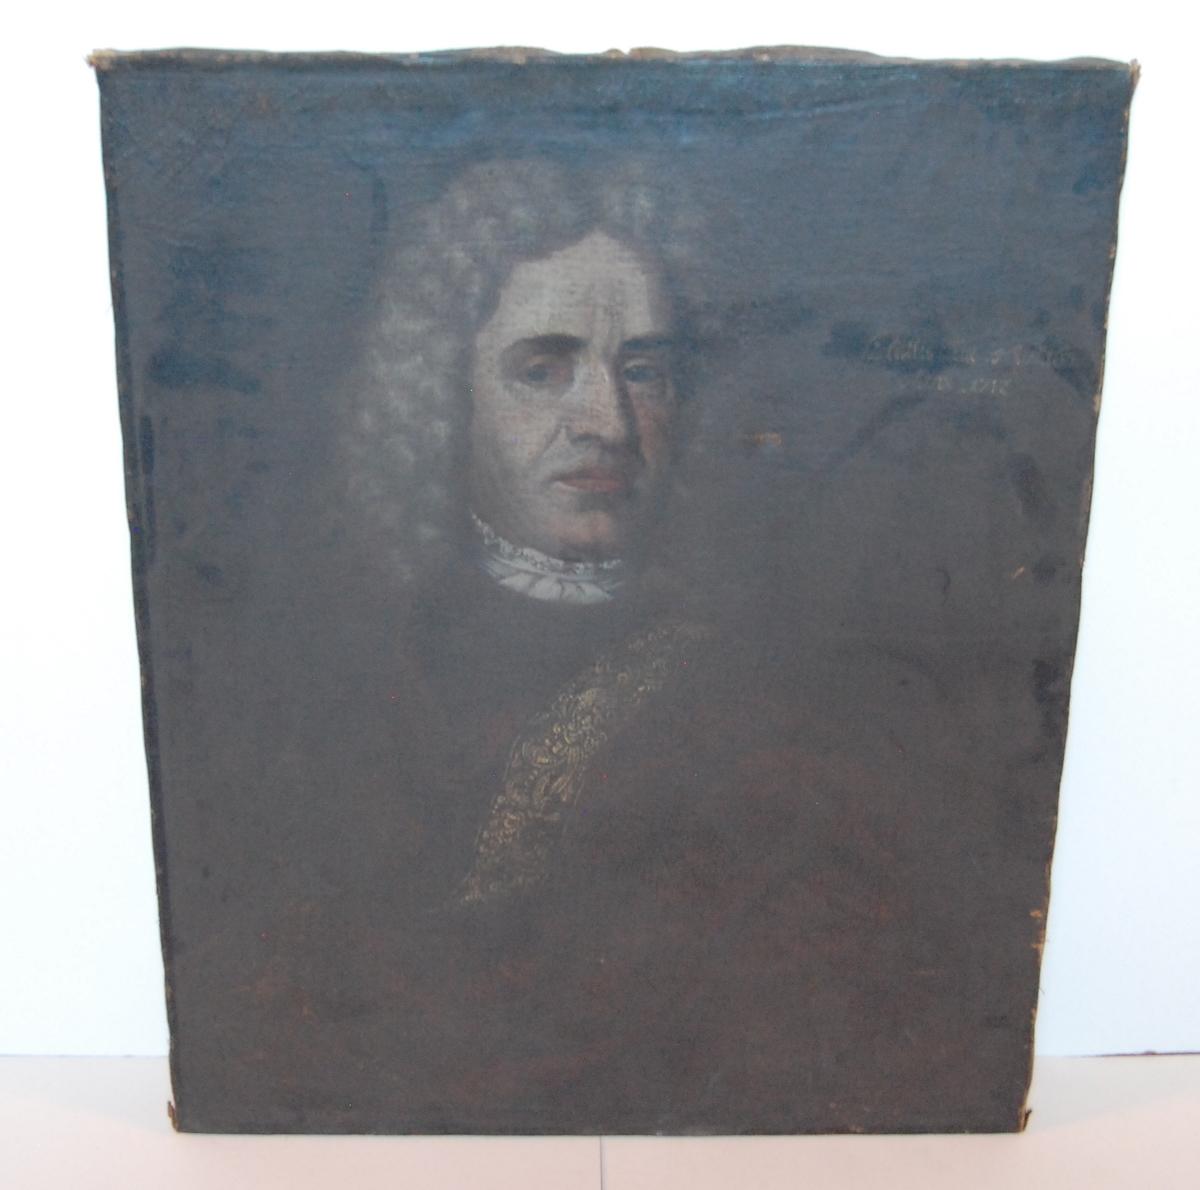 Portrett av Jan Wessel, far til Peder Wessel Tordenskiold (?).